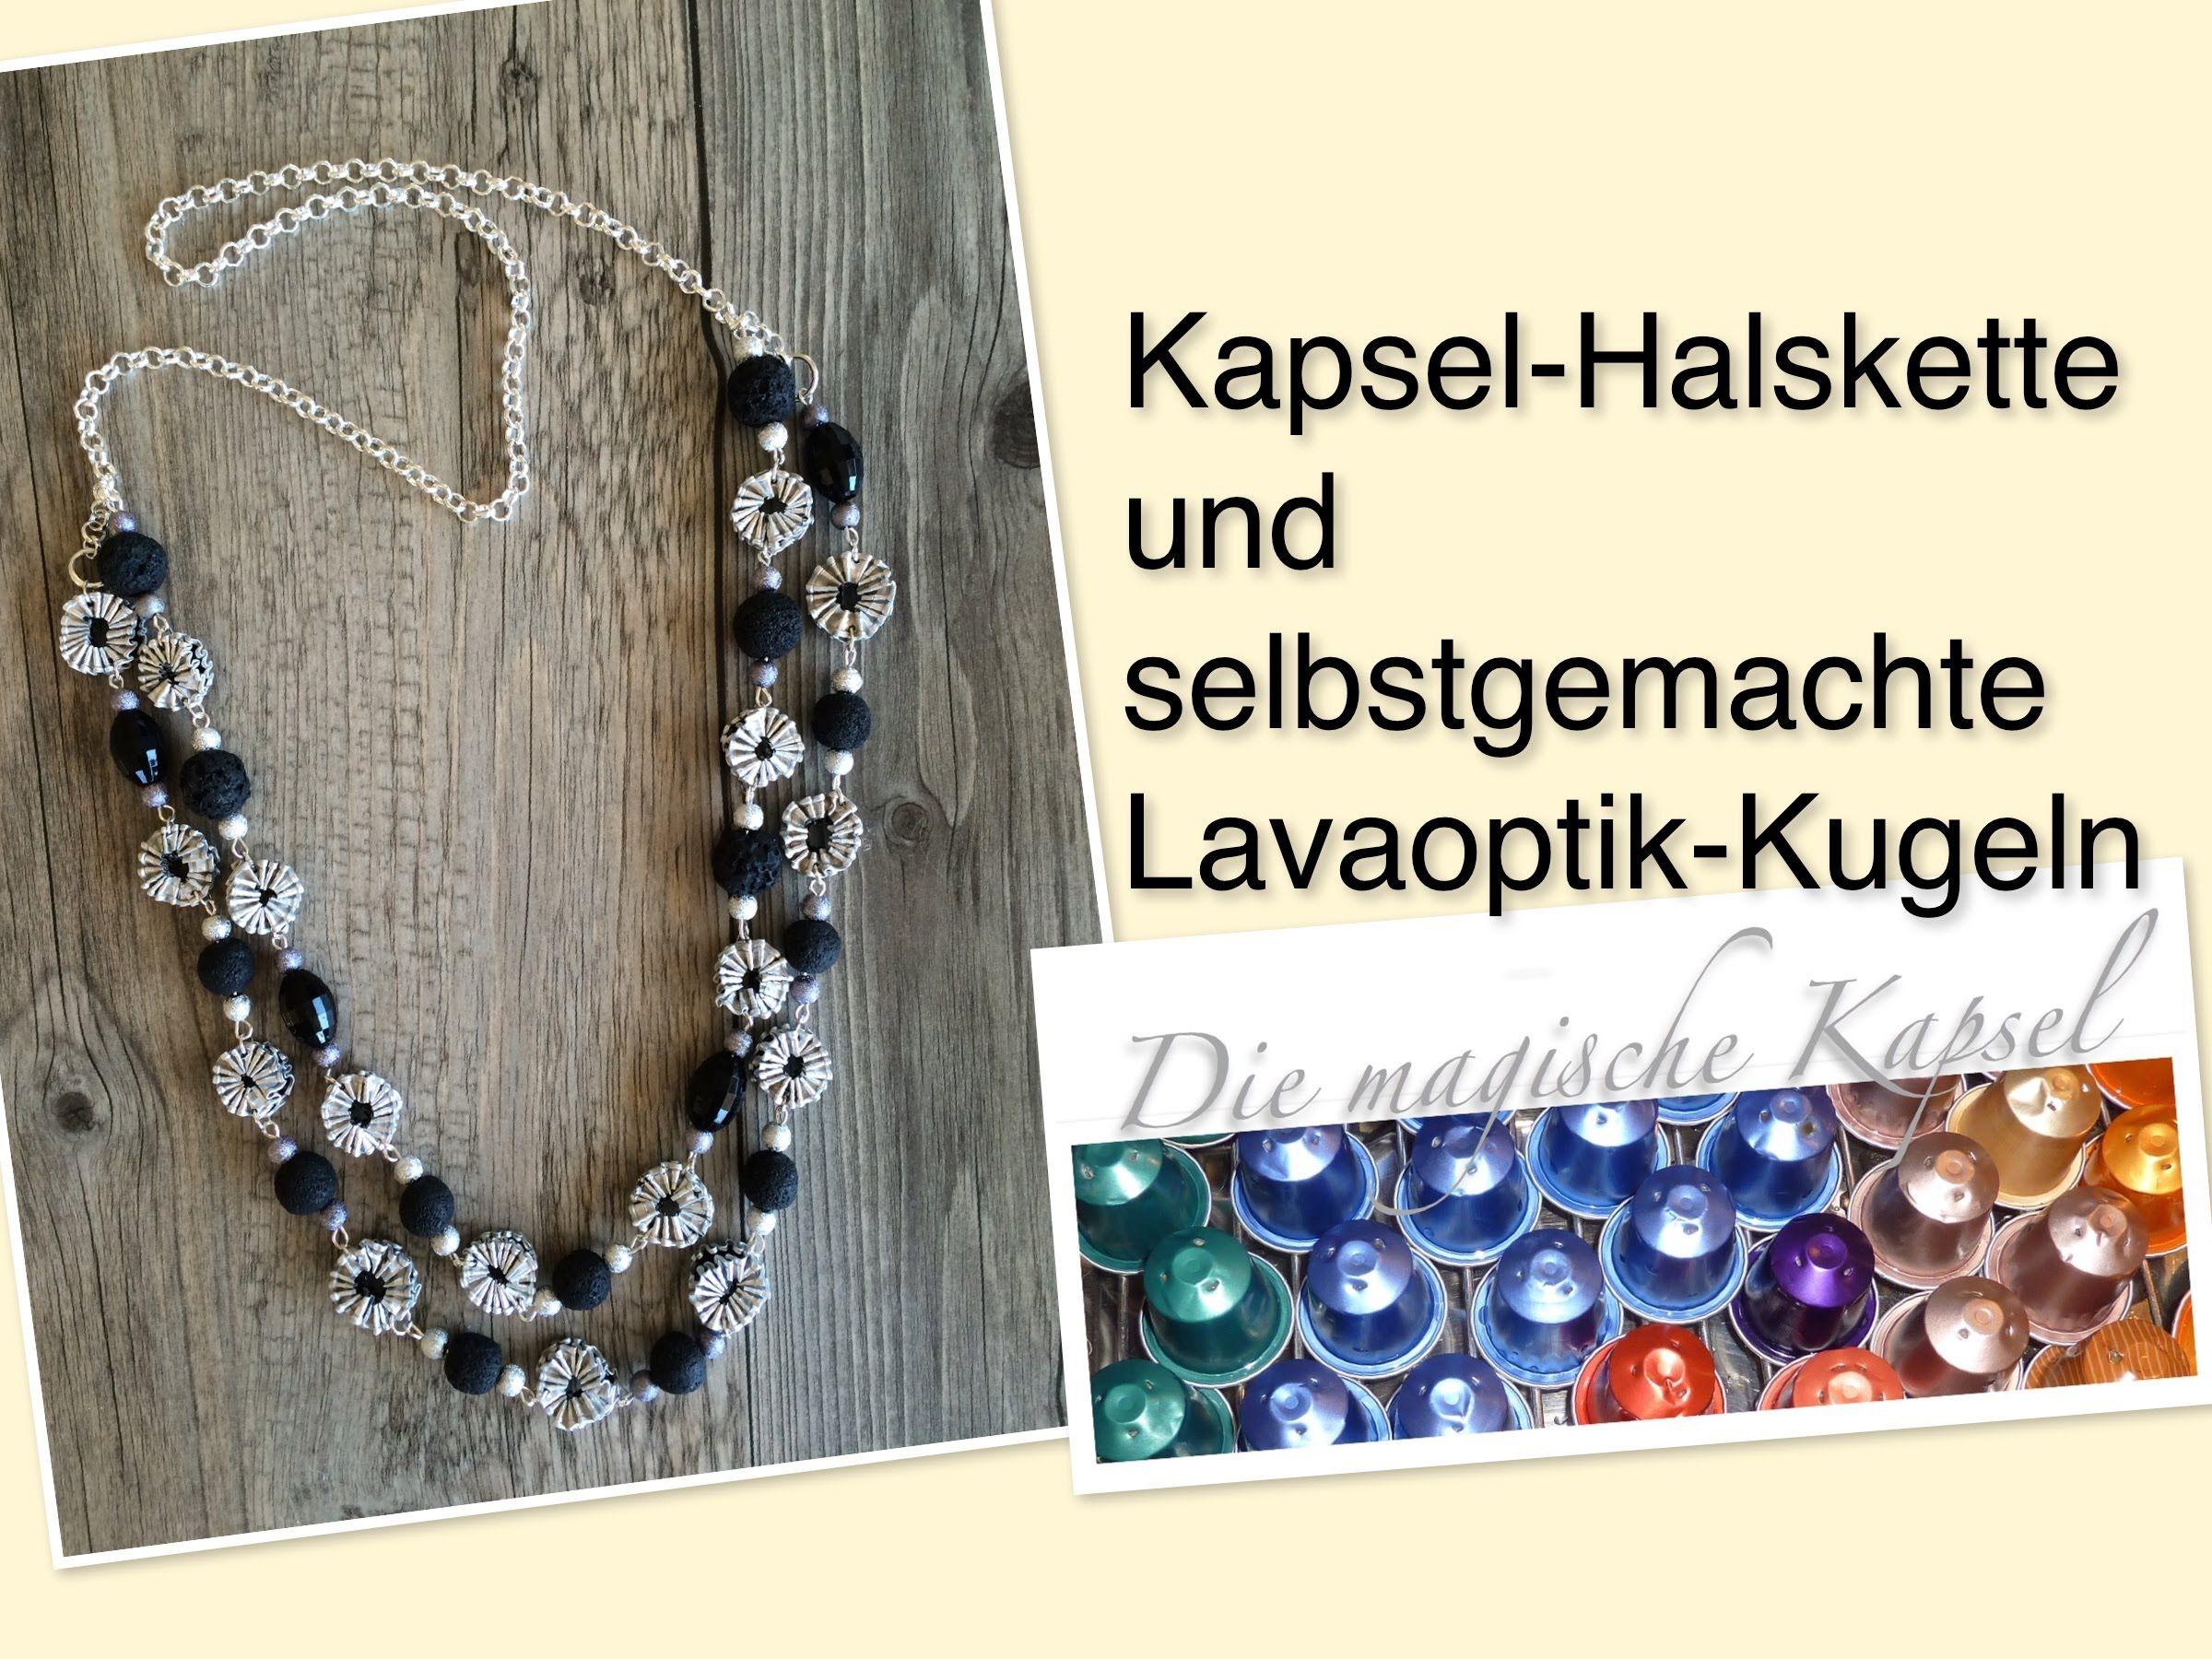 Nespresso Deko & Schmuck Anleitung - Halskette mit Lavaoptik-Kugeln ...